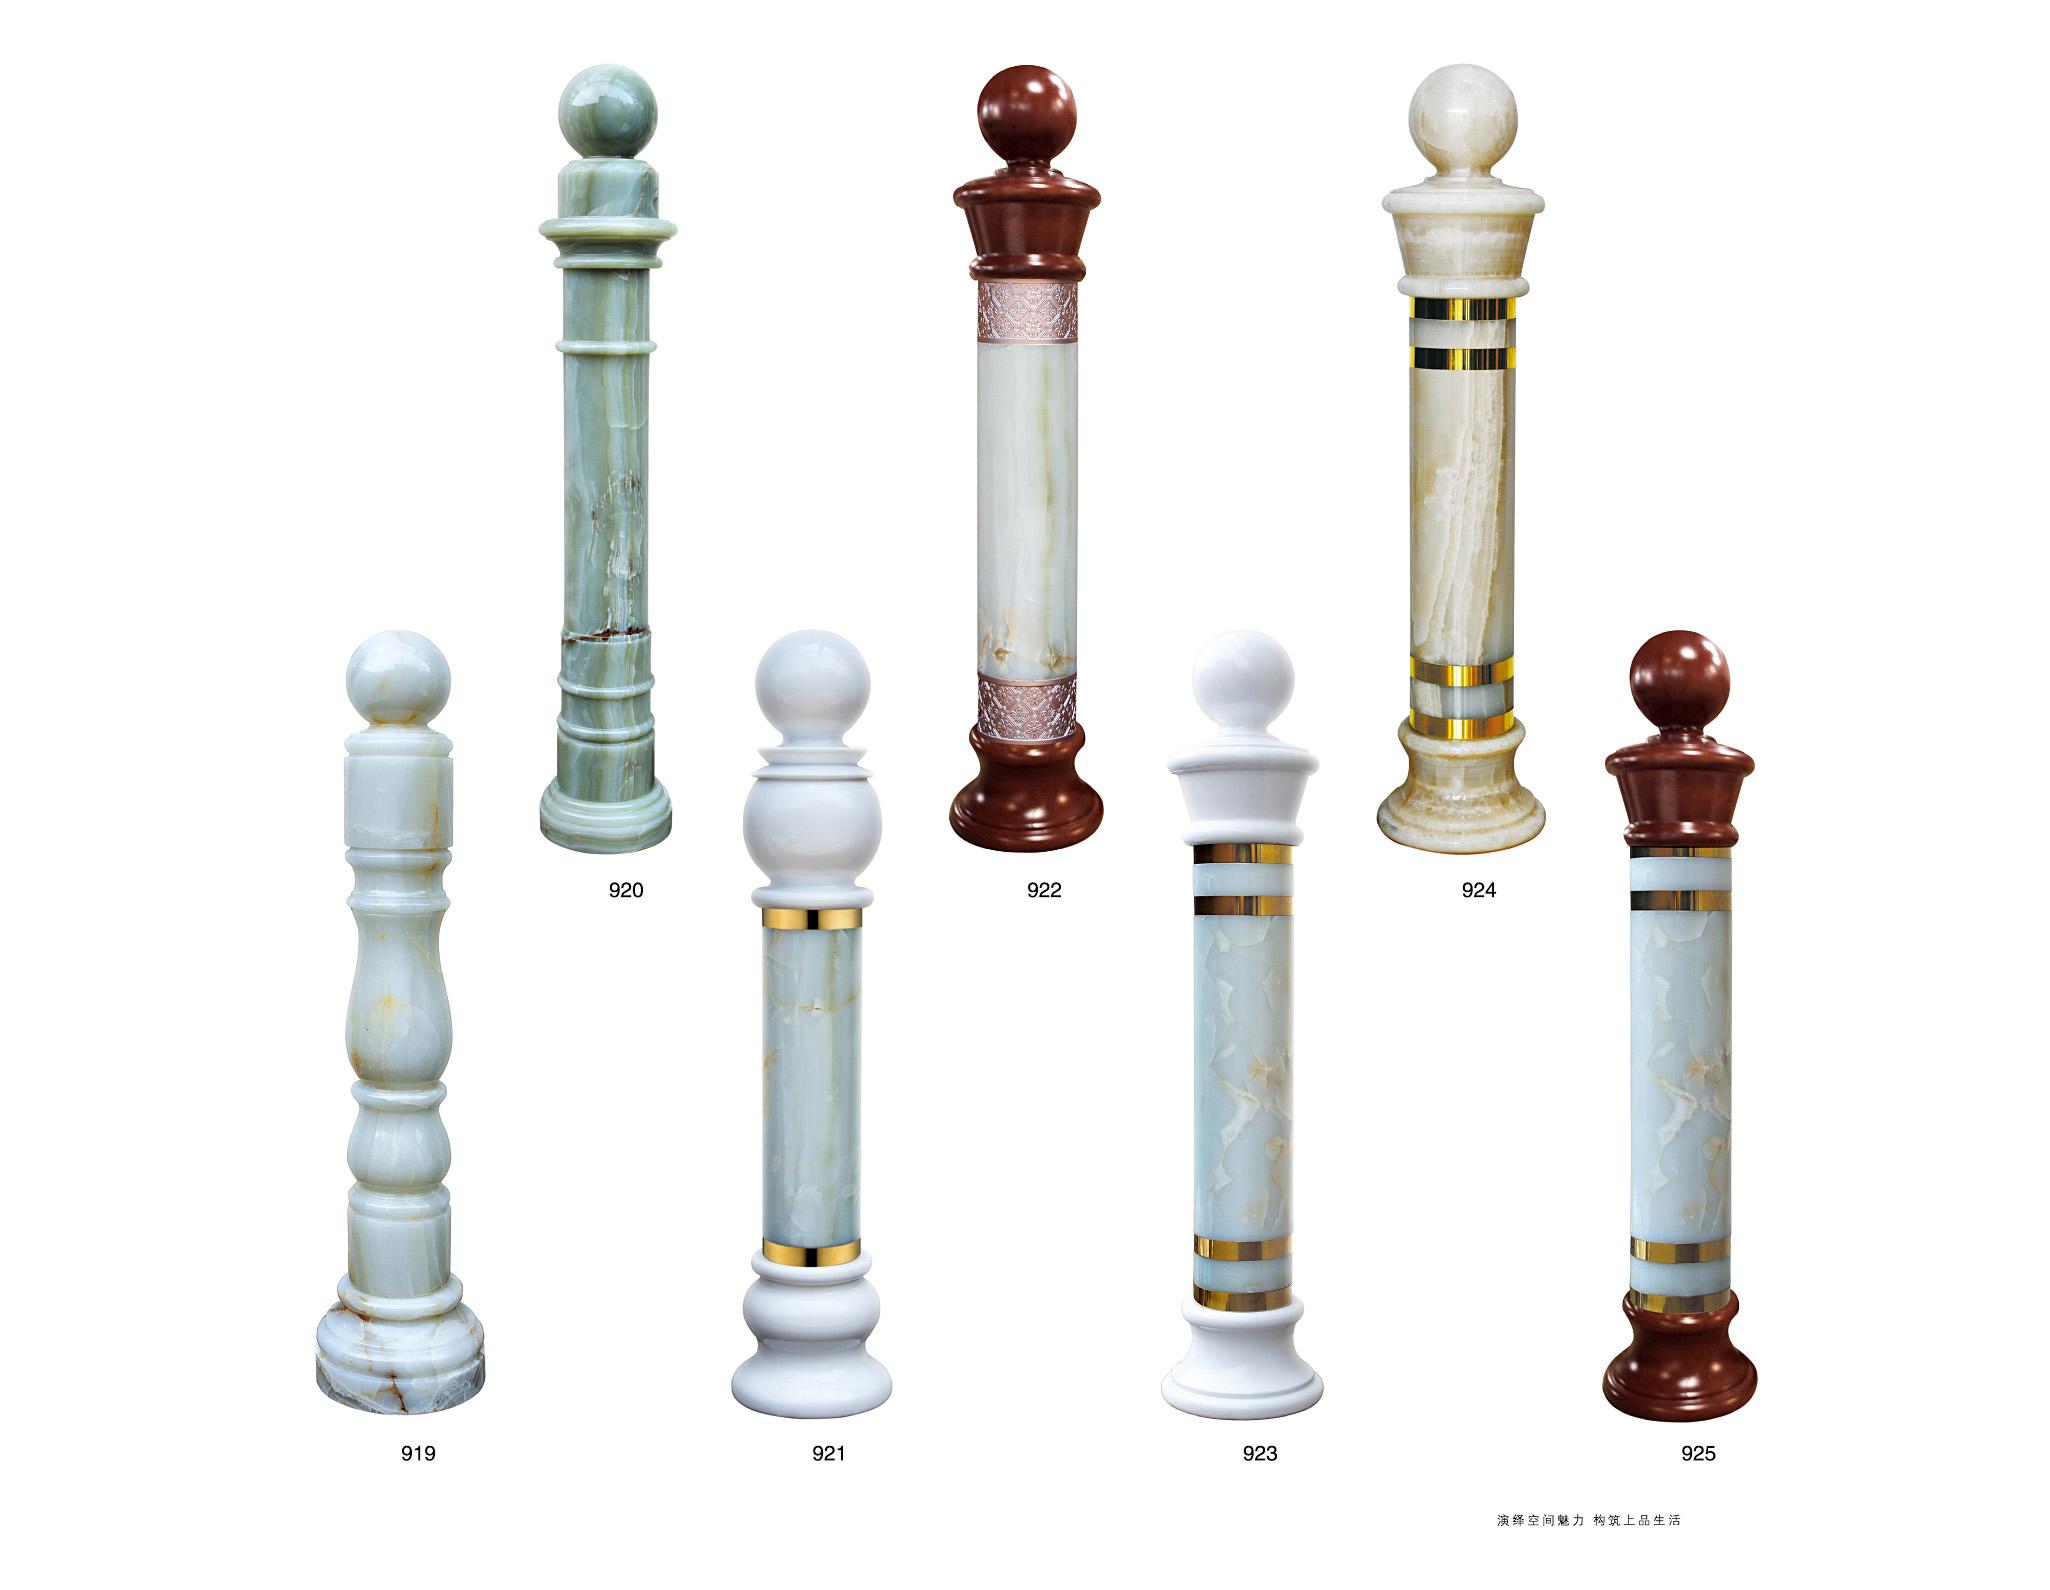 BLA030一柱擎天/楼梯立柱/楼梯护栏立柱/别墅楼梯立柱